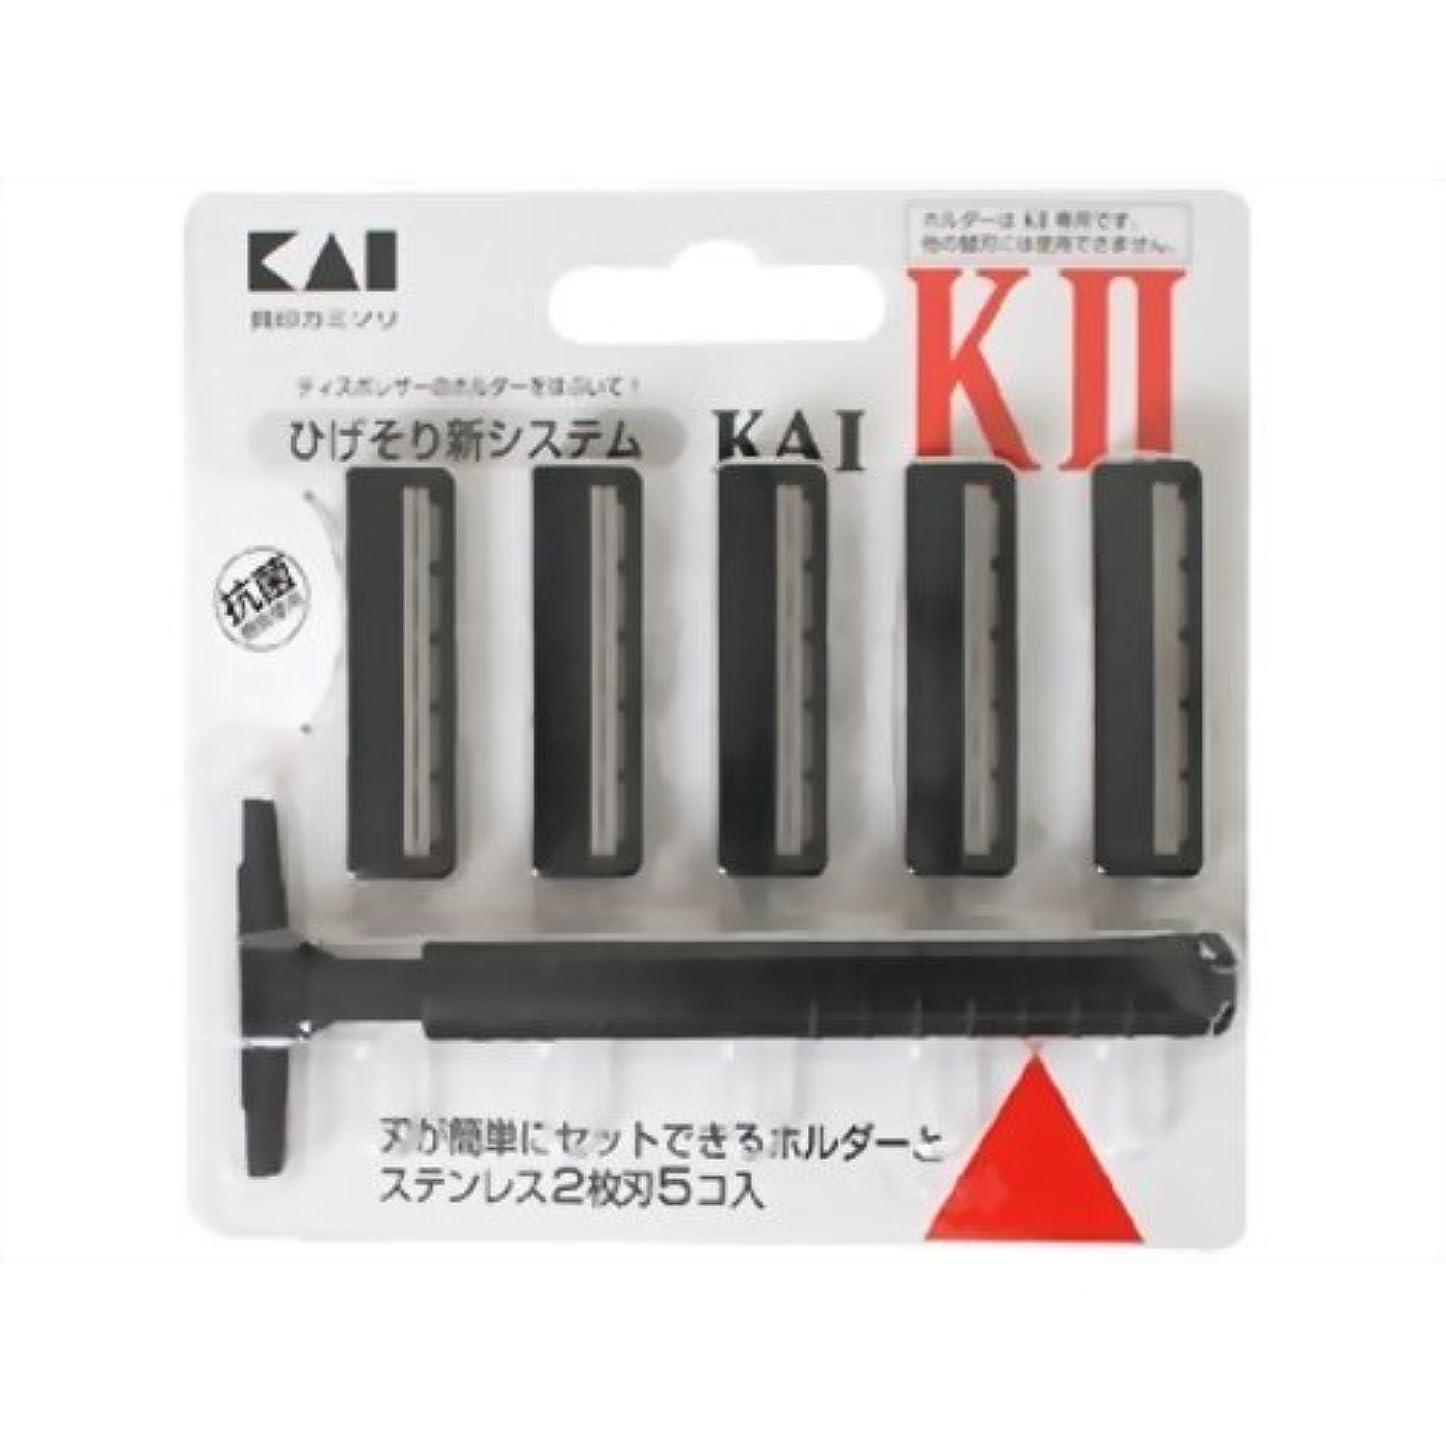 スナップ刈り取るスケジュールカミソリ KAI-K2 K2-5 ×10個セット